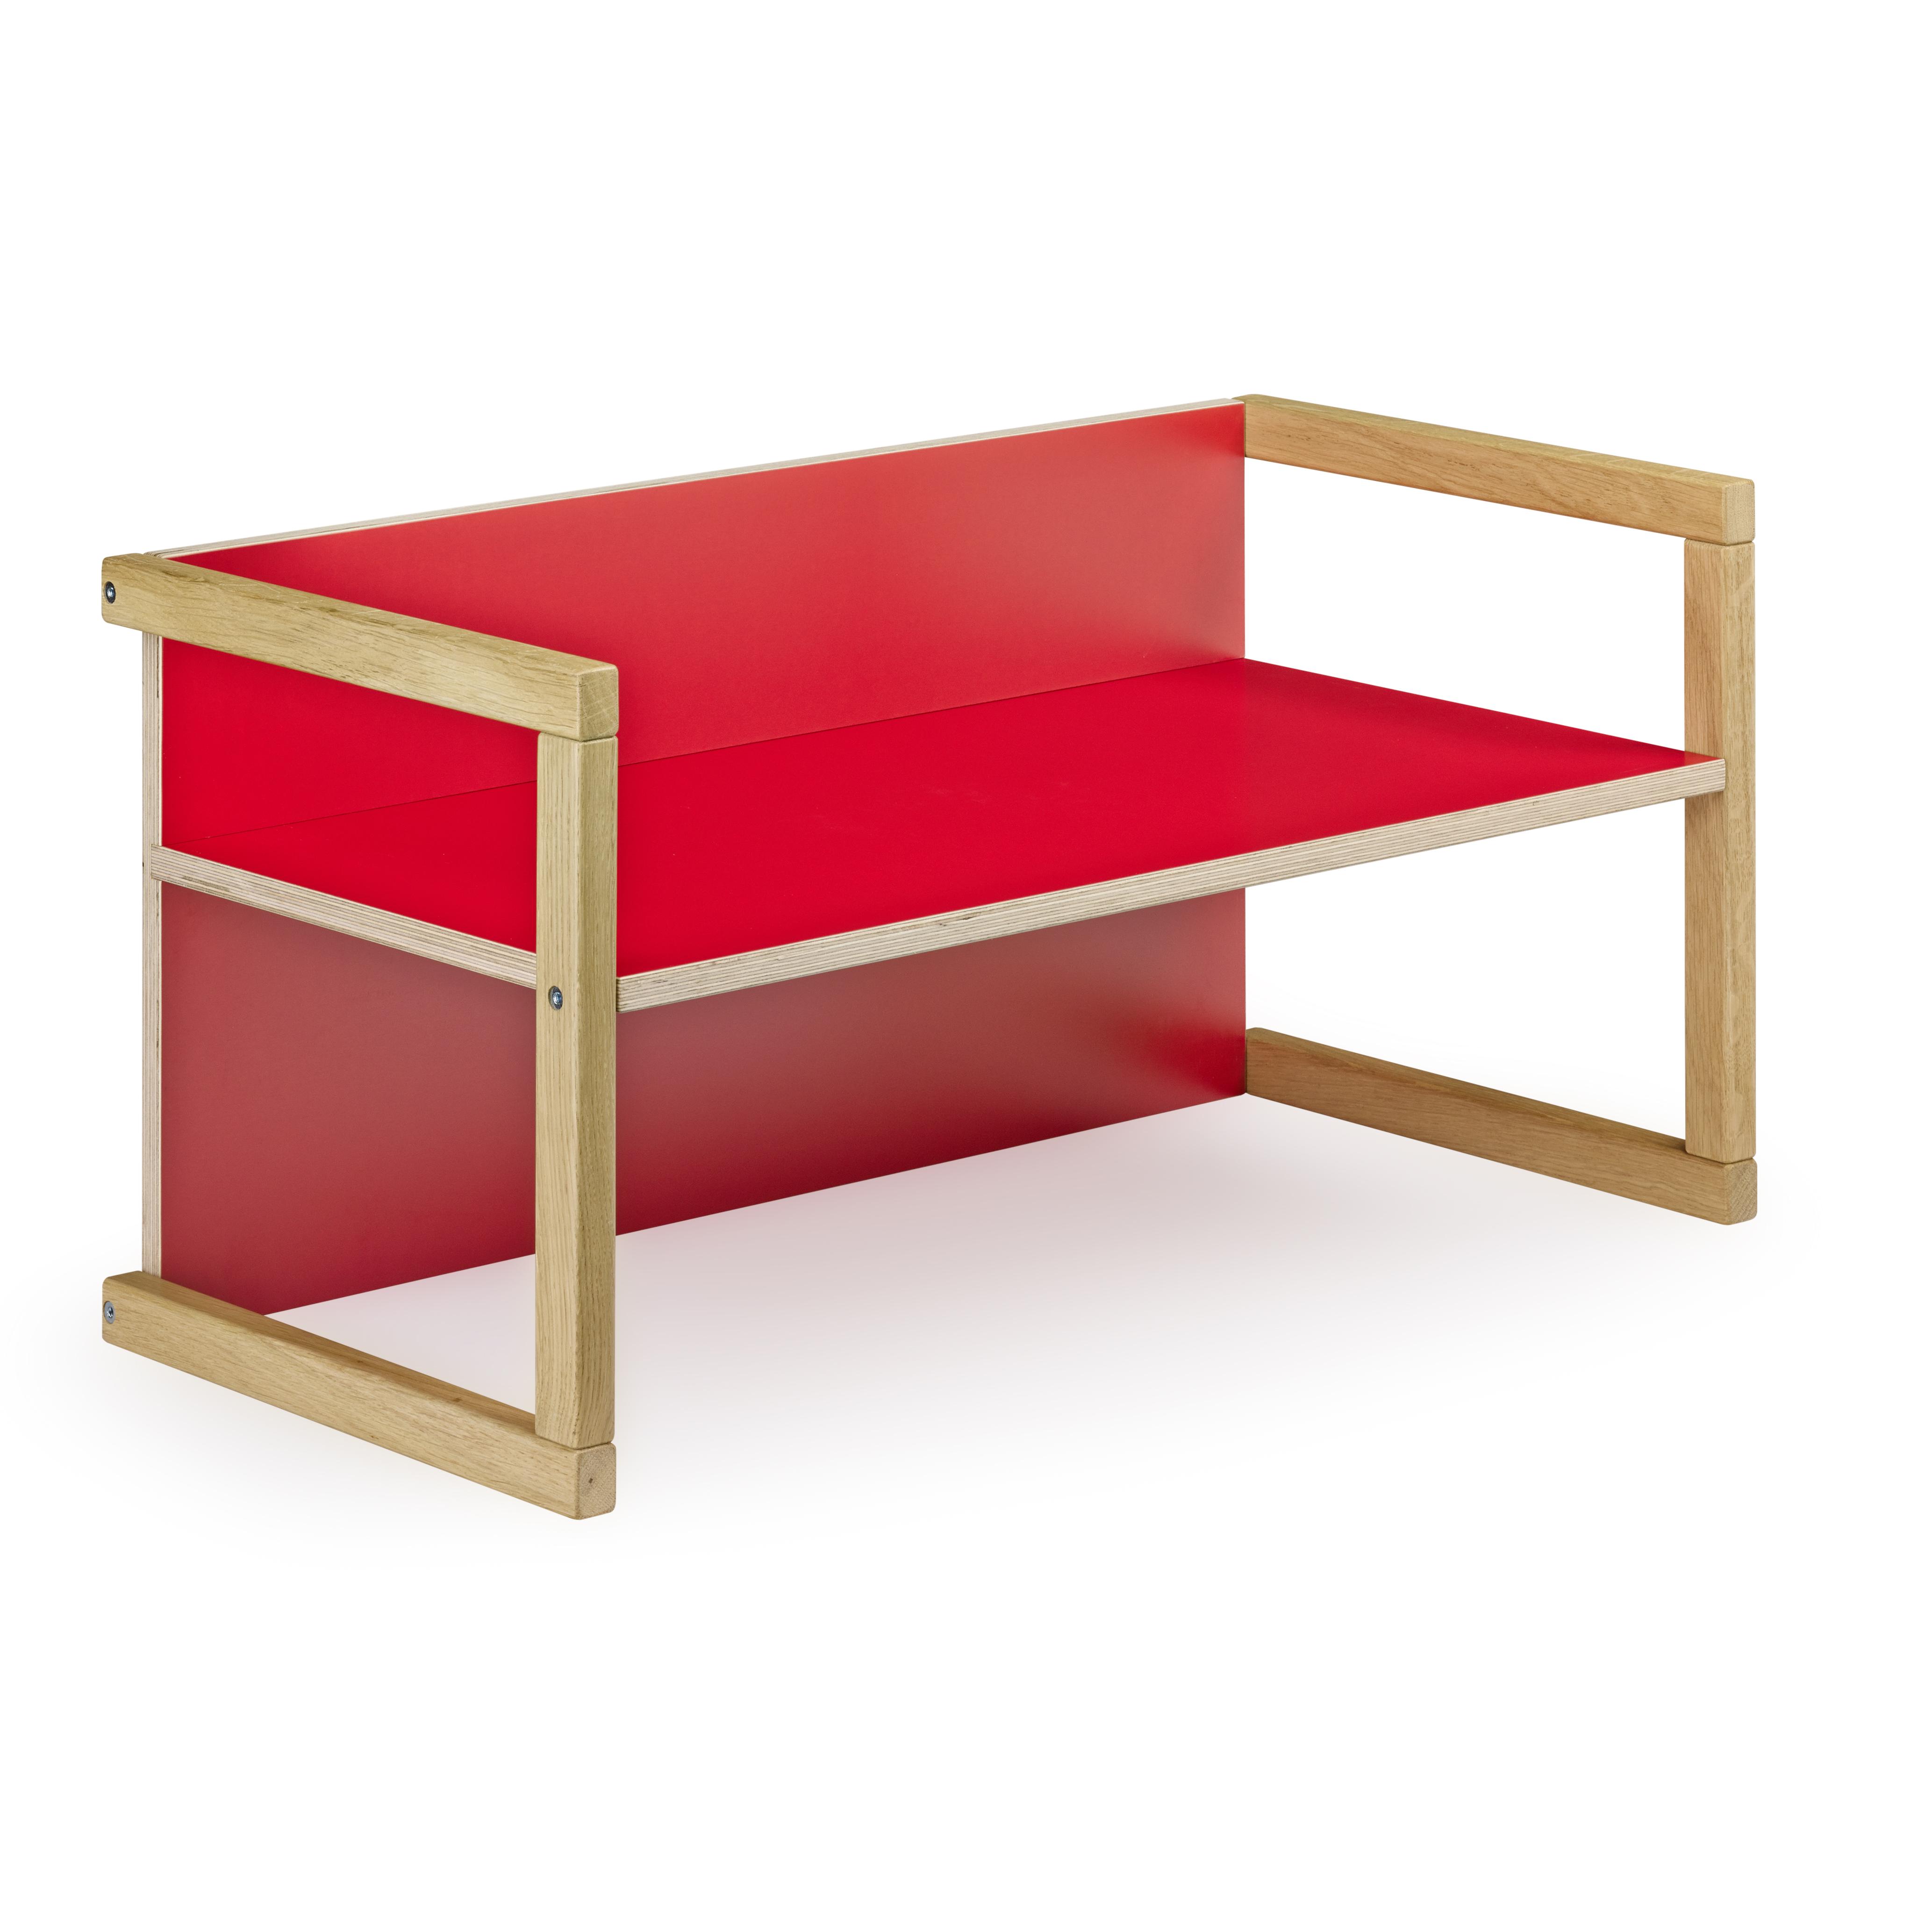 kindertisch und bank bestseller shop f r m bel und. Black Bedroom Furniture Sets. Home Design Ideas